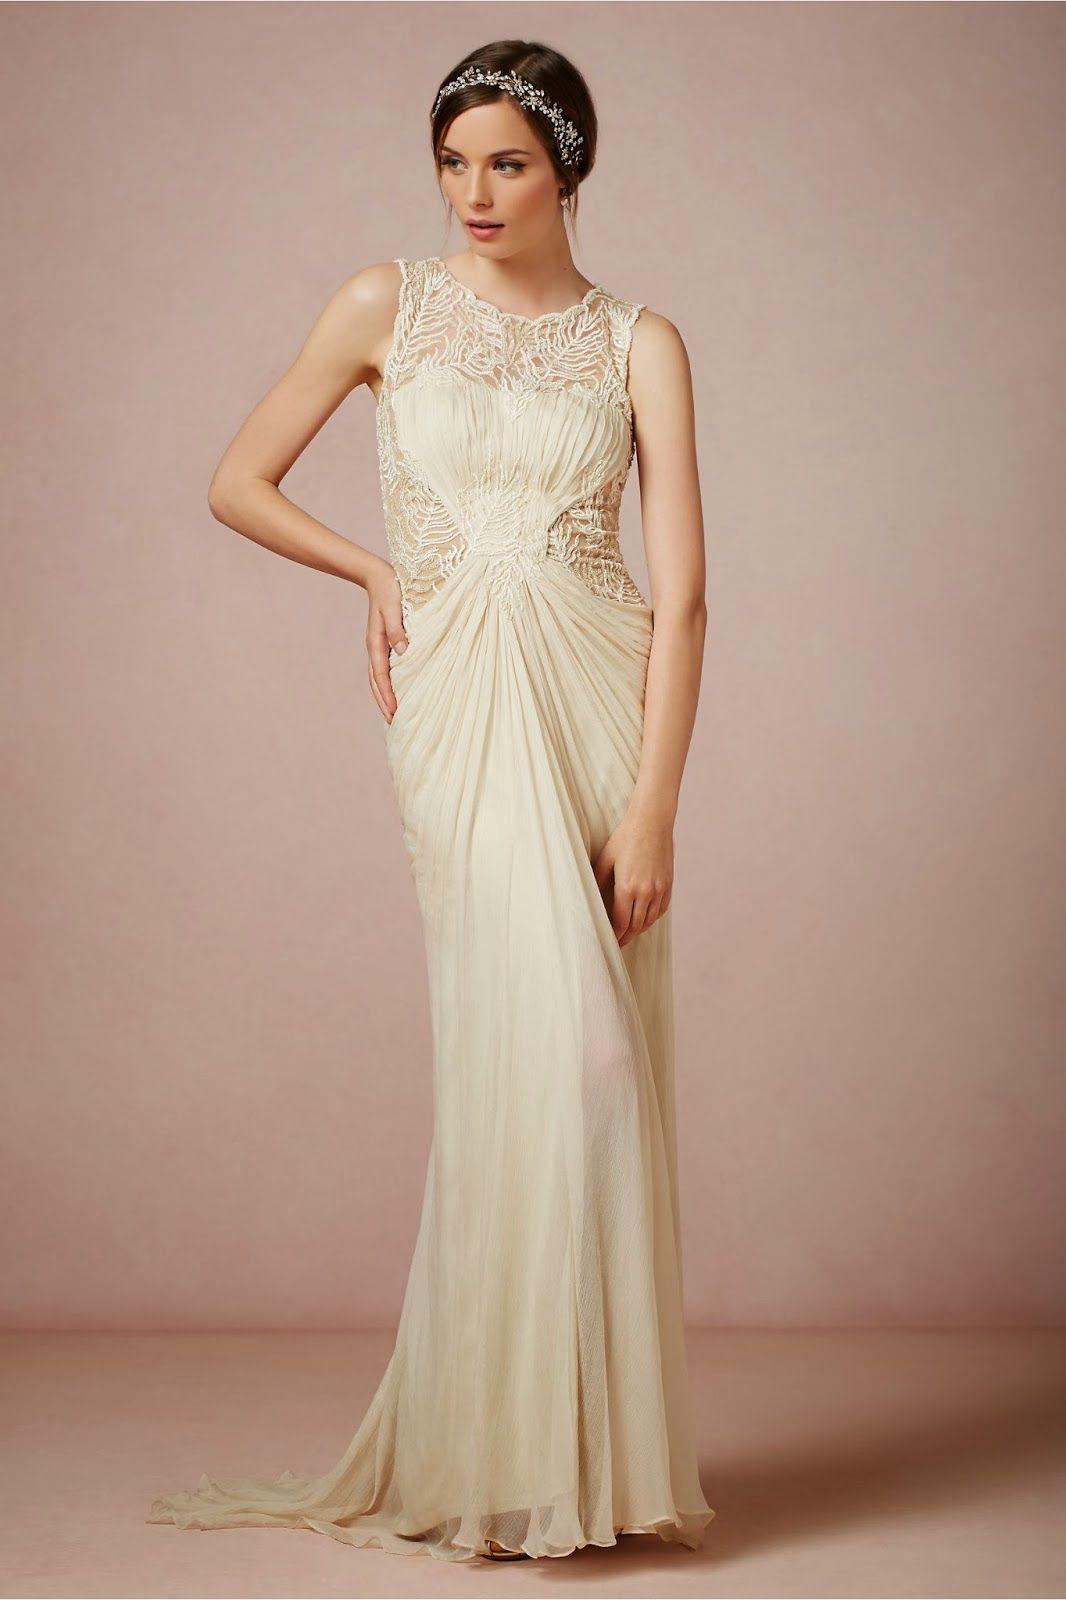 Vestidos novia sencillos vintage